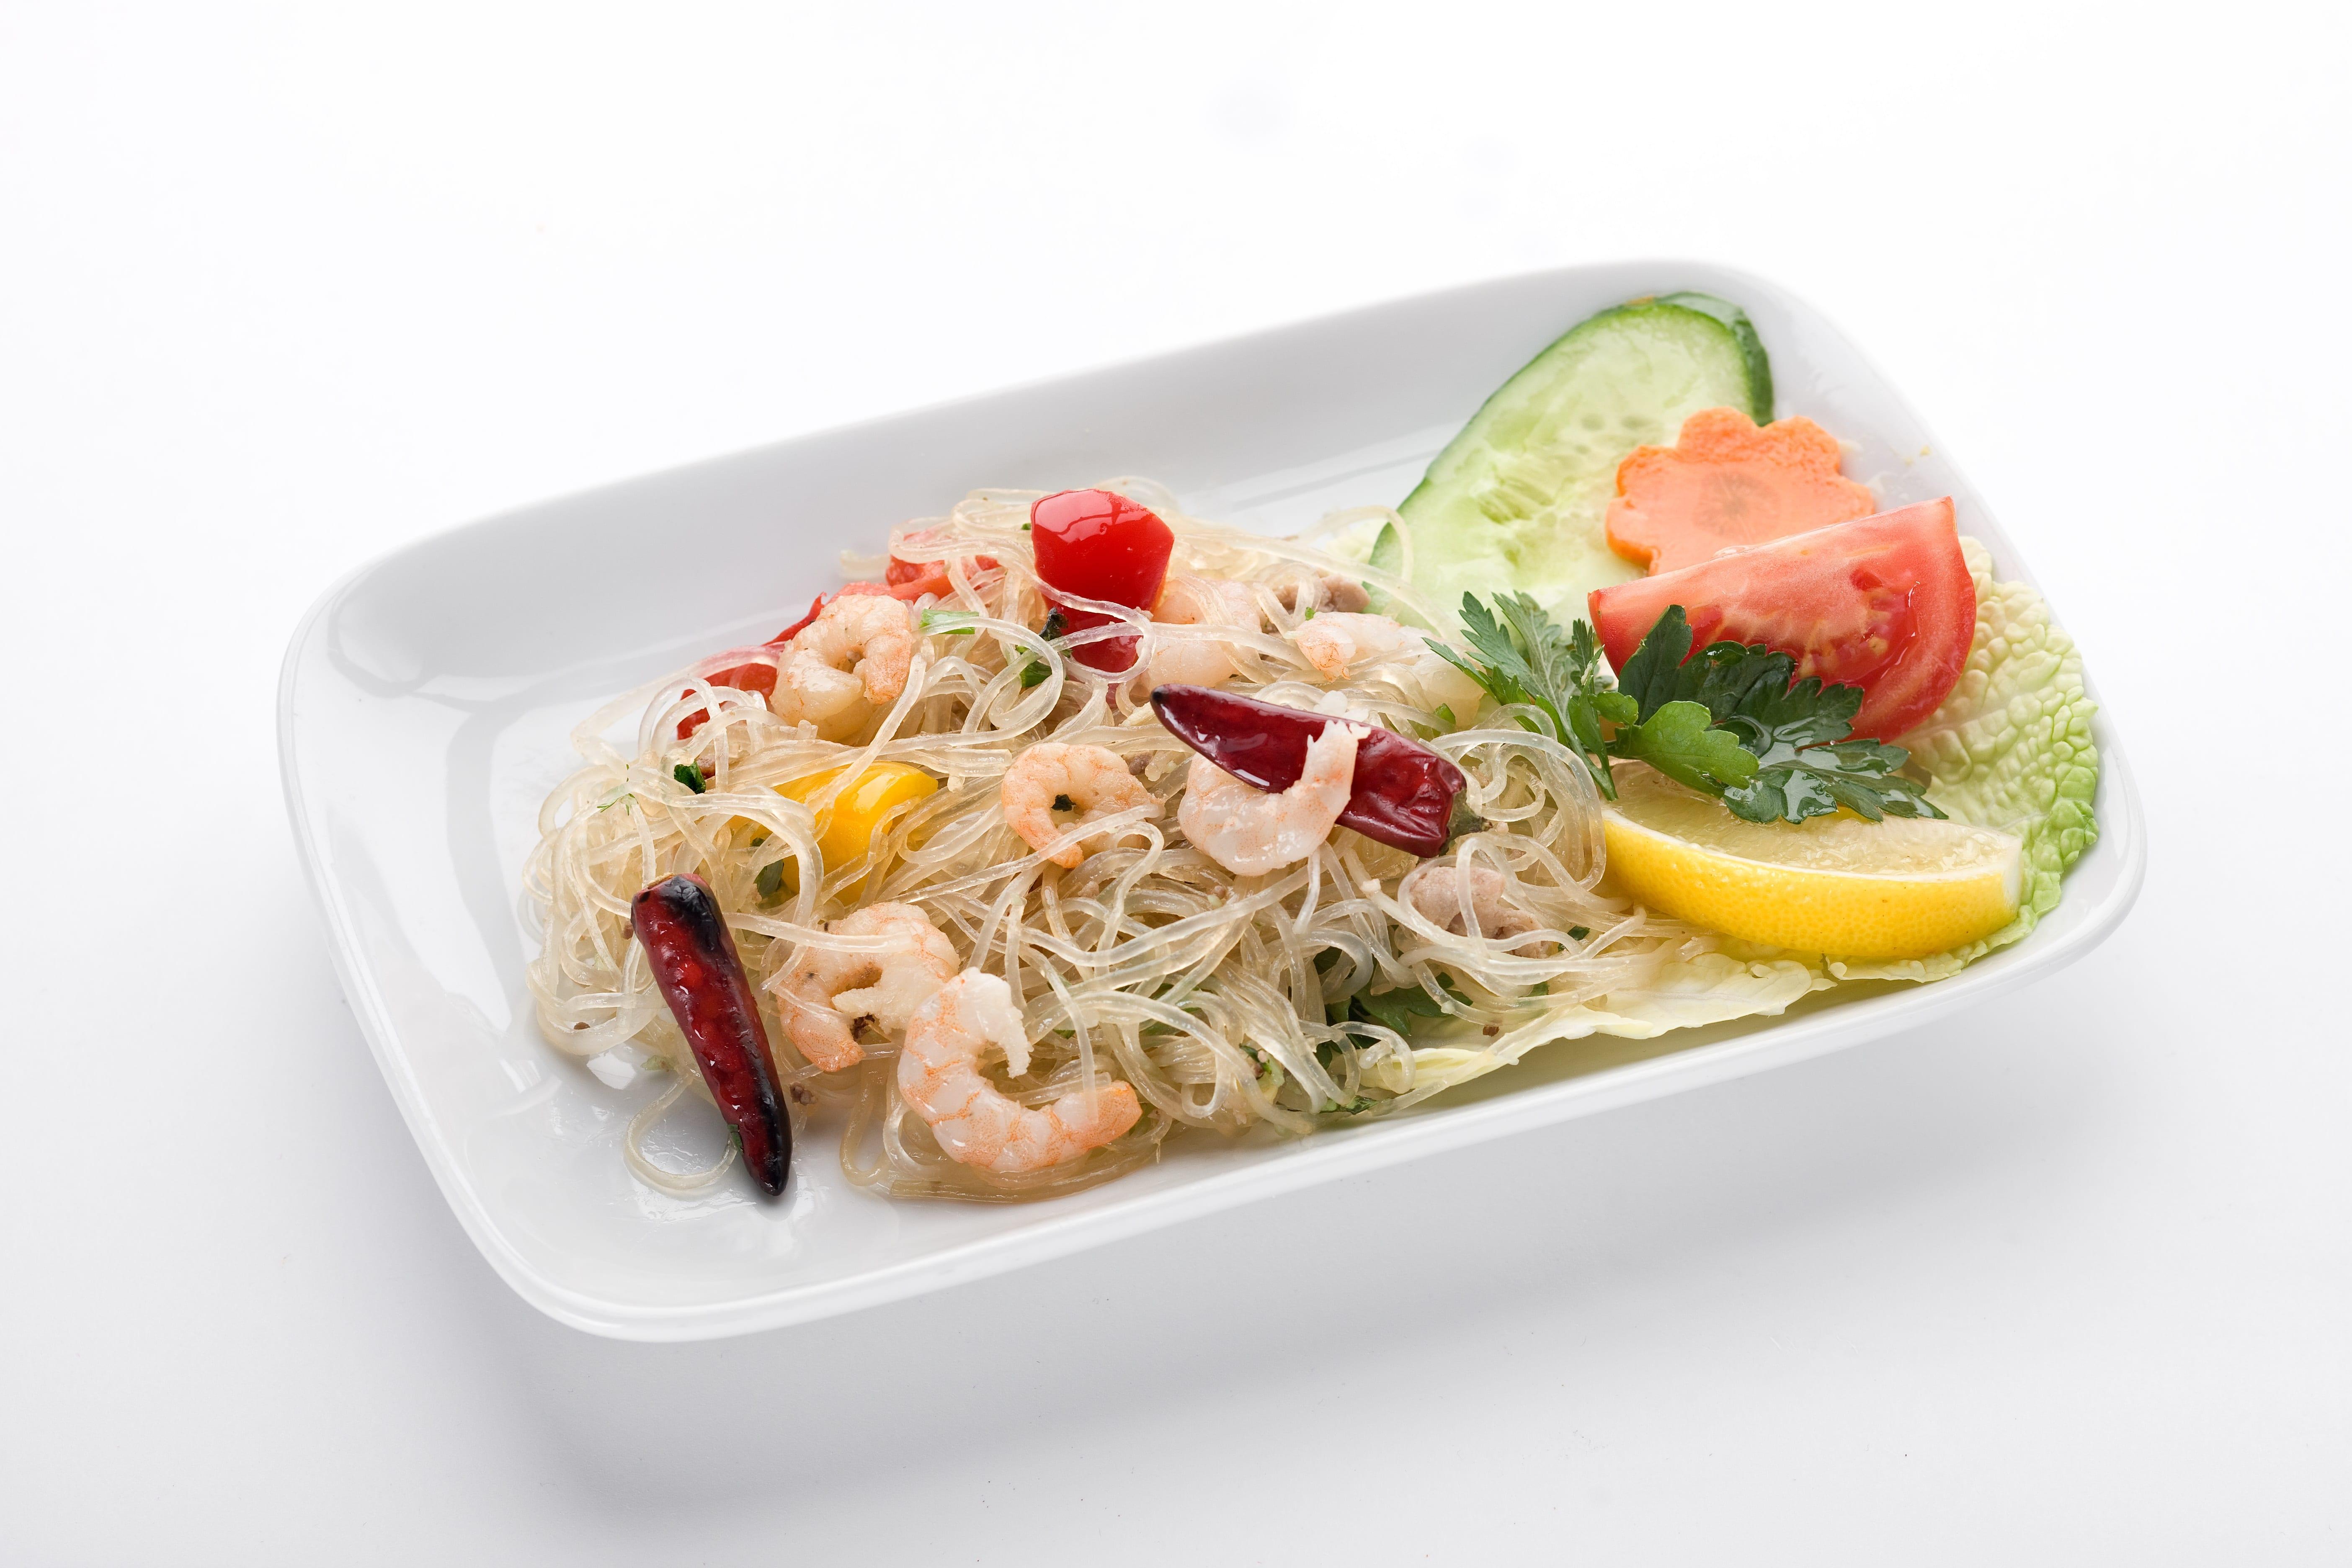 Салат из соевой лапши с креветками Ям Вун Зен